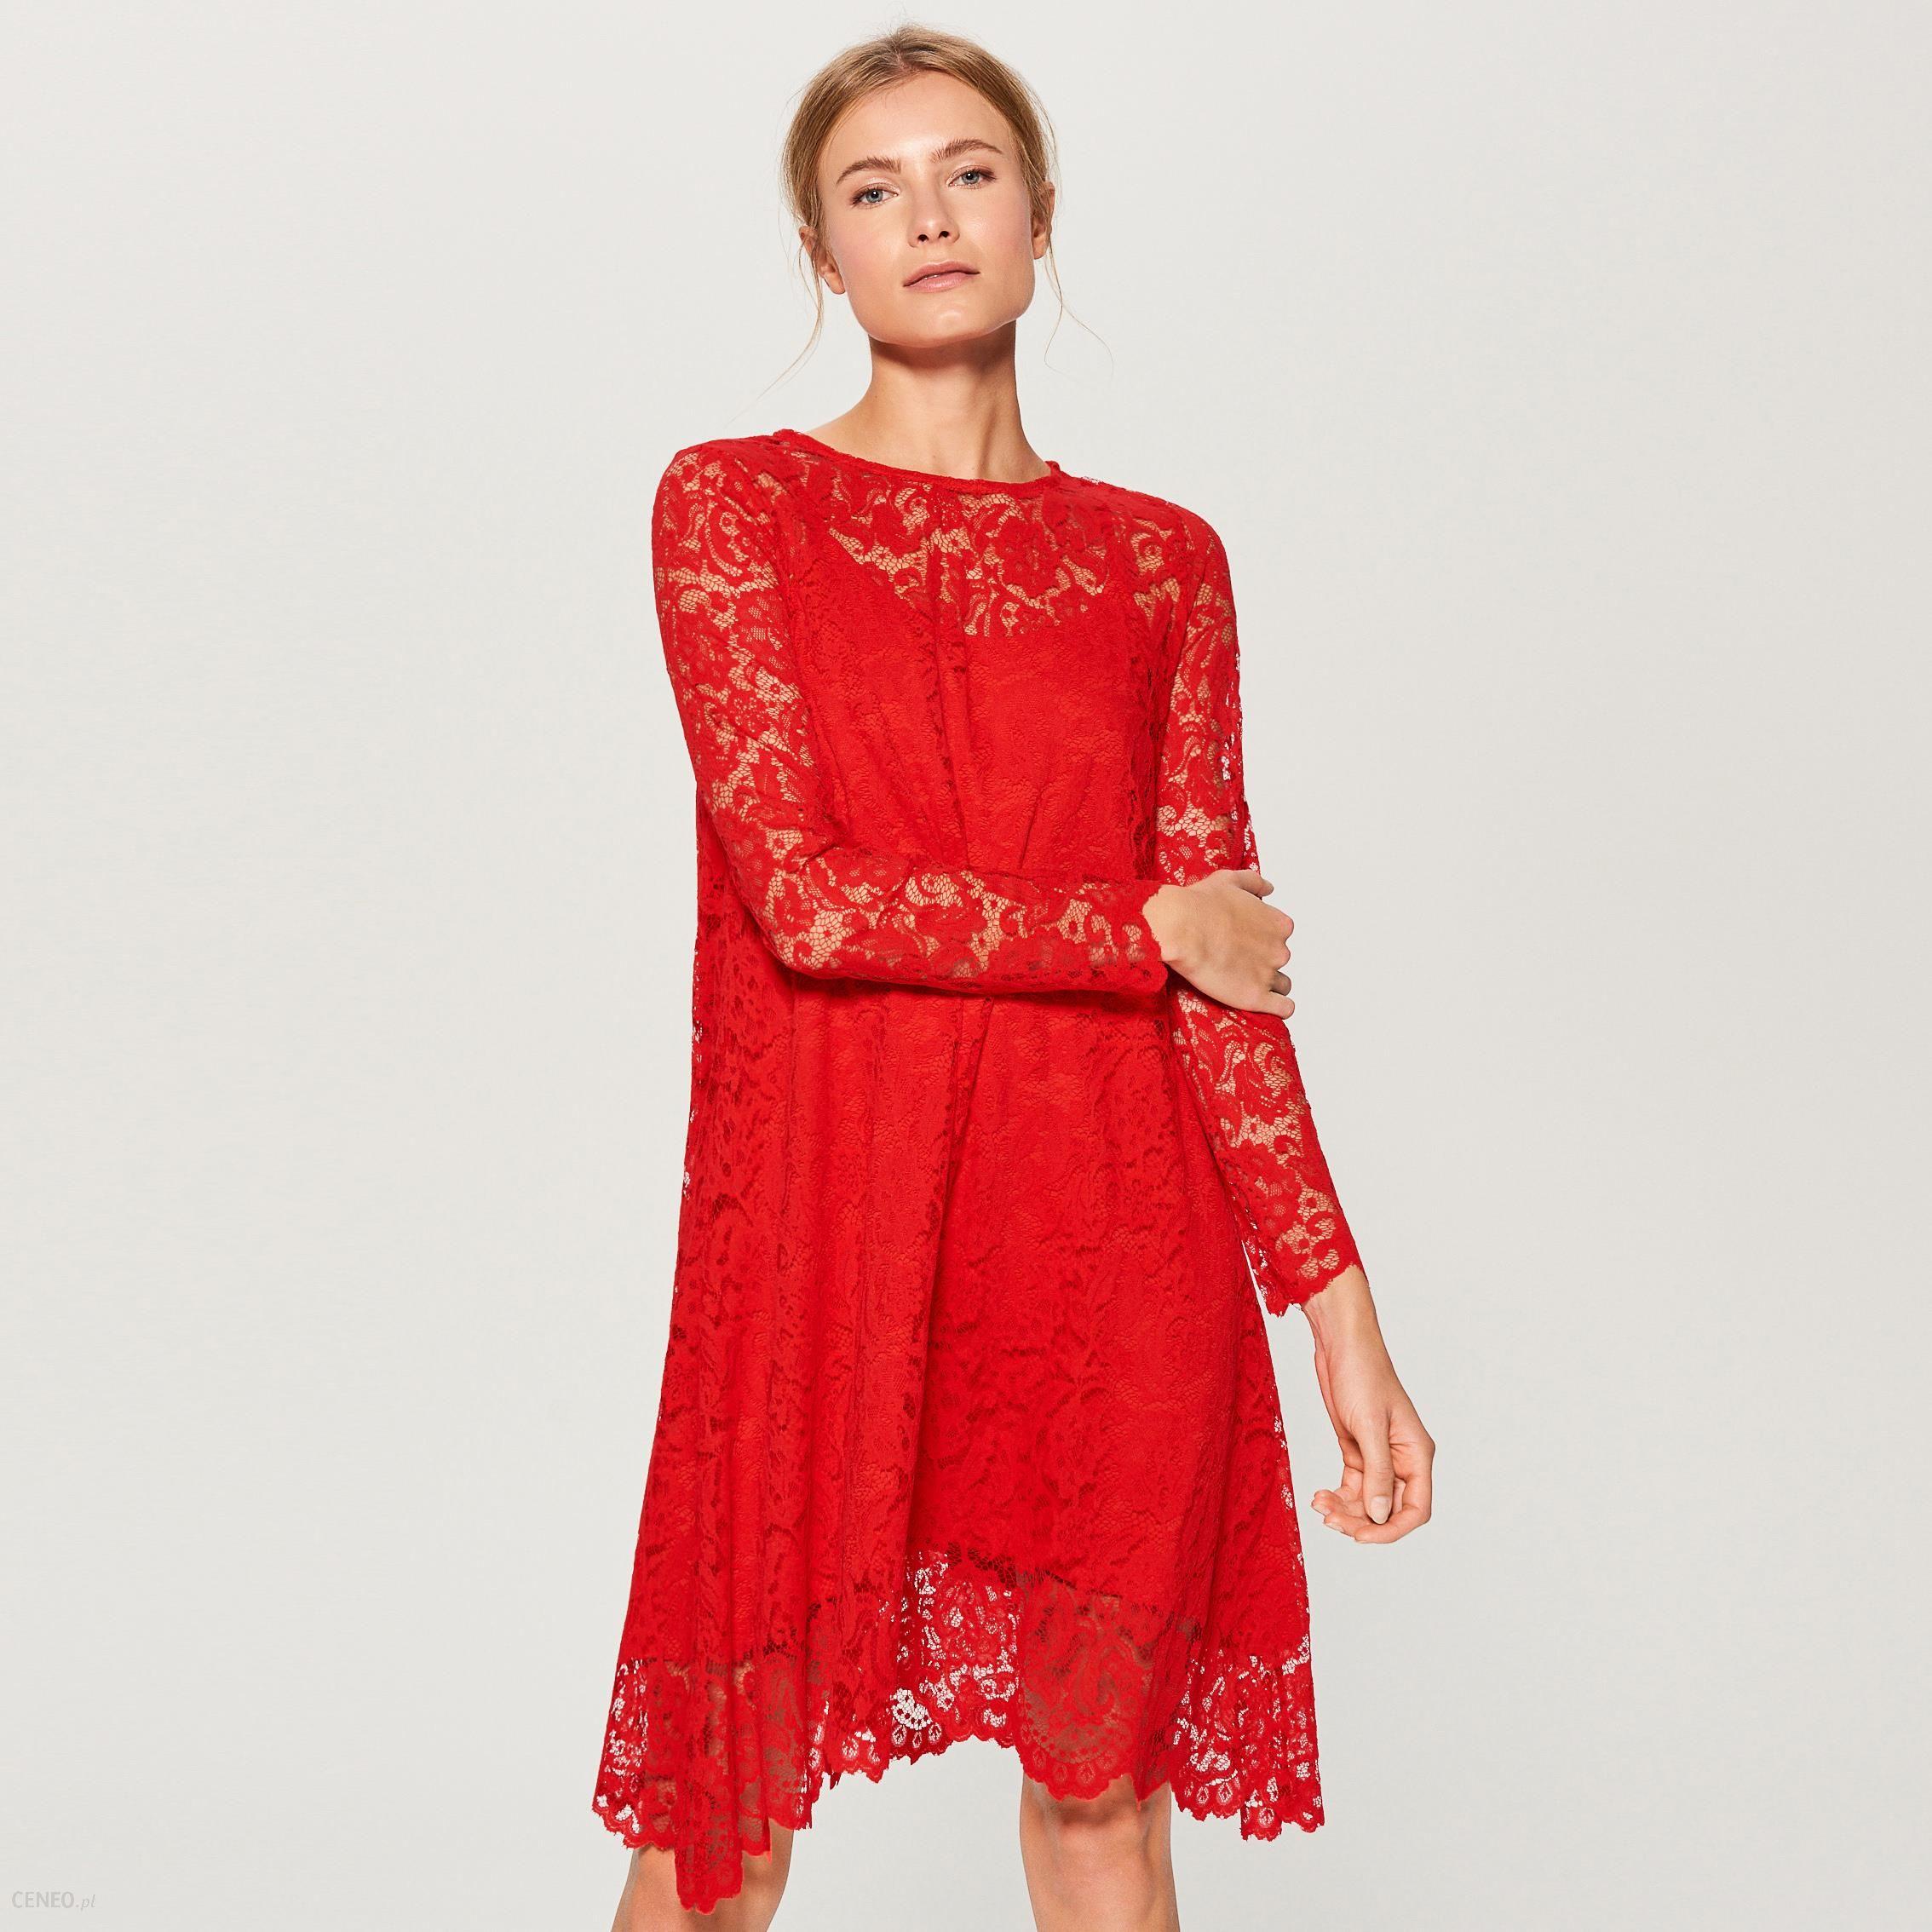 cfe75444b4 Mohito - Czerwona sukienka z koronki - Czerwony - Ceny i opinie ...